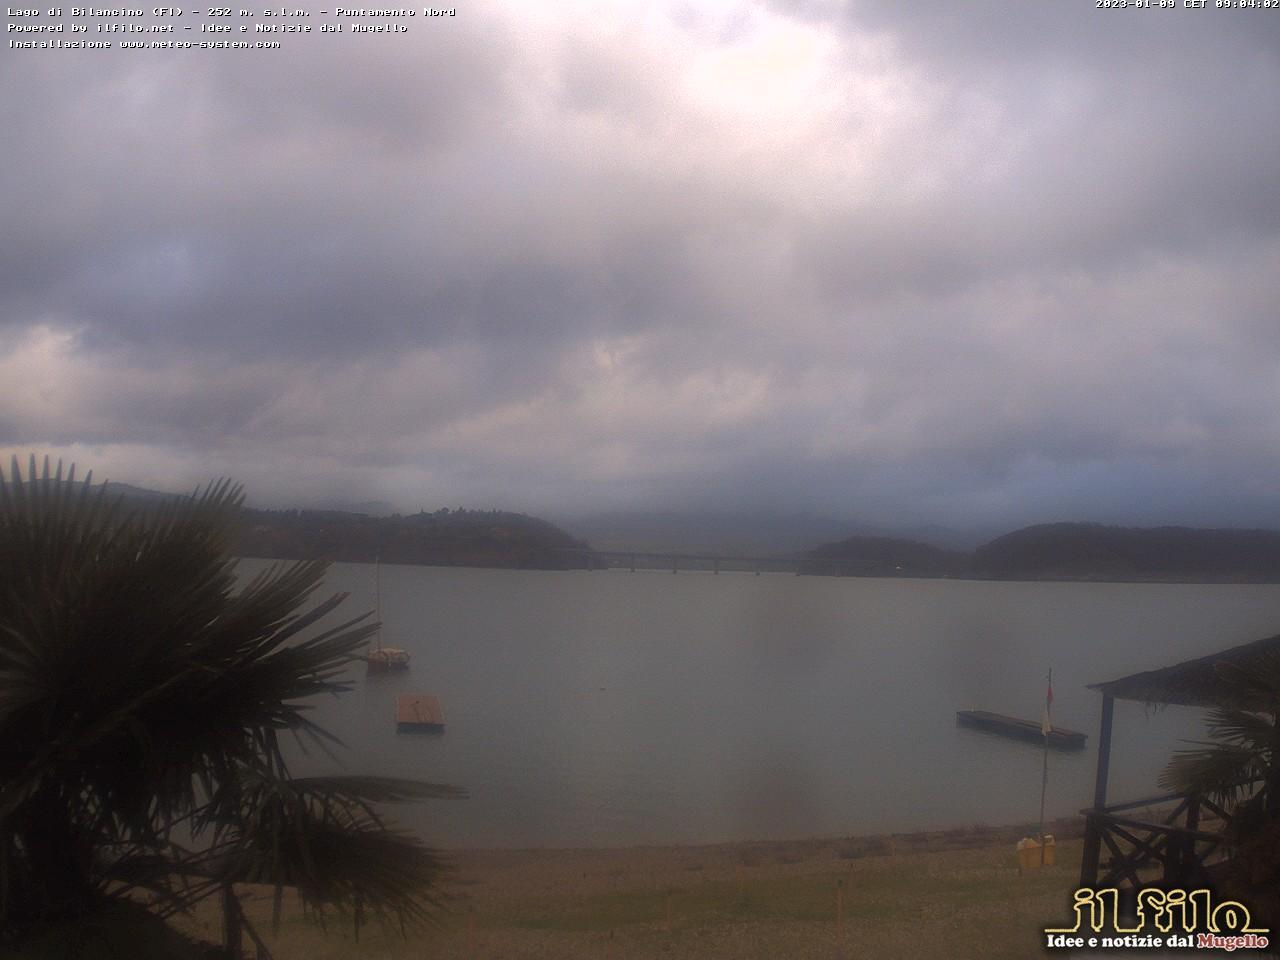 Webcam Mugello Lago del Bilancino